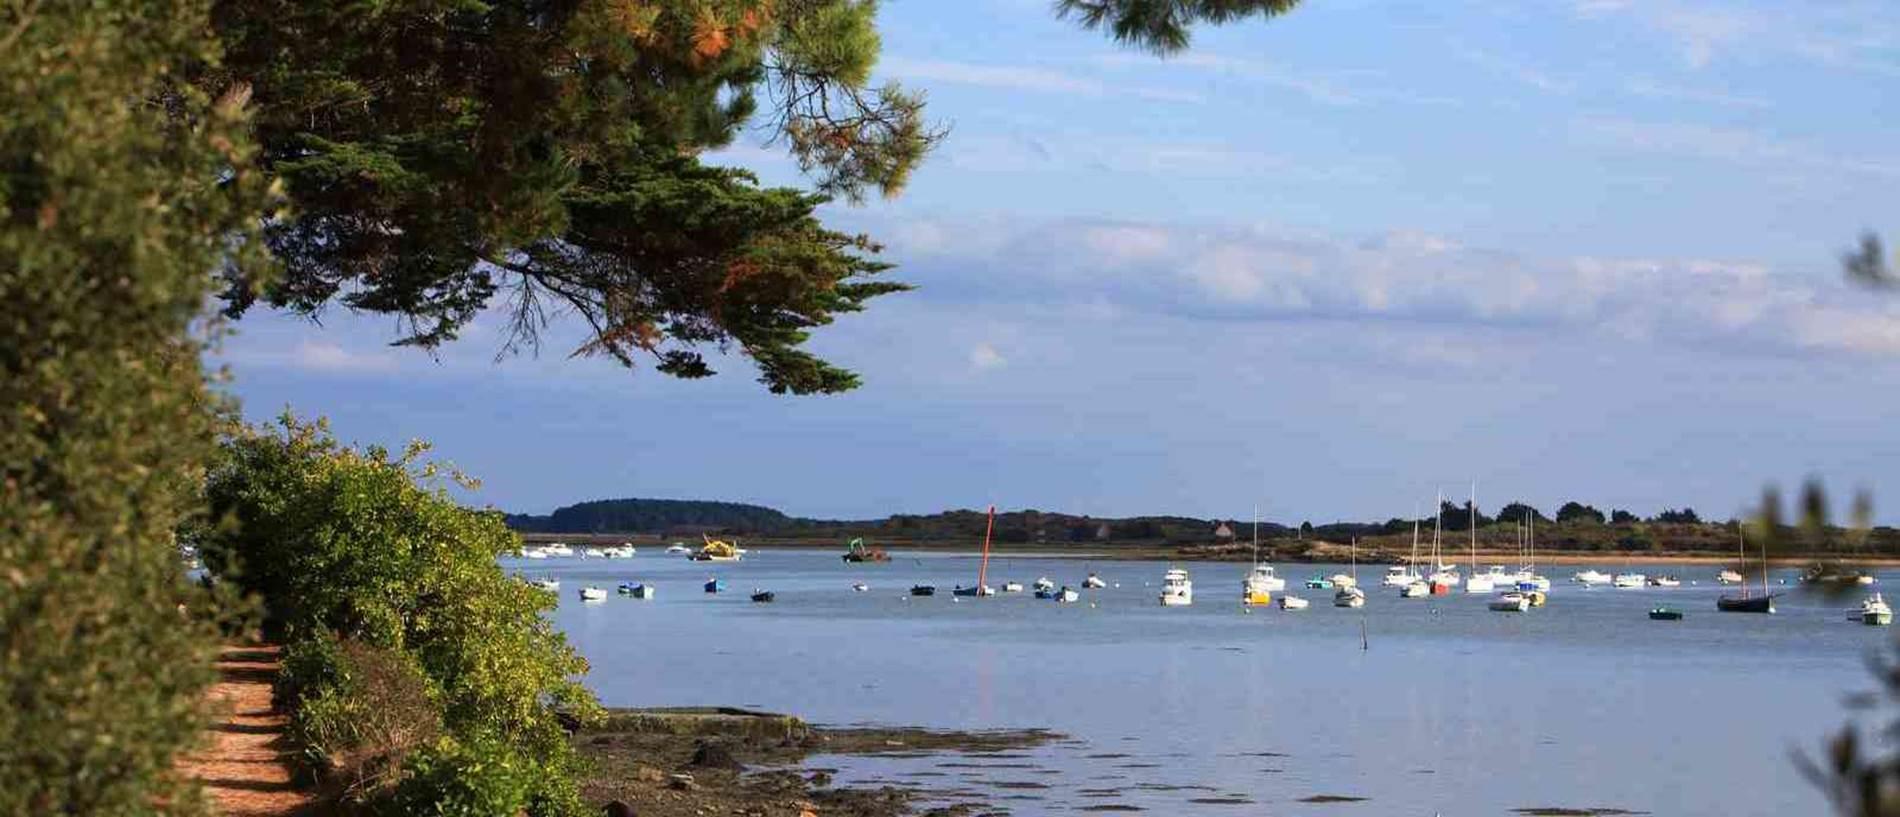 RANDO-SENE © CDT56-MS-Golfe du Morbihan-09-2009 (11)